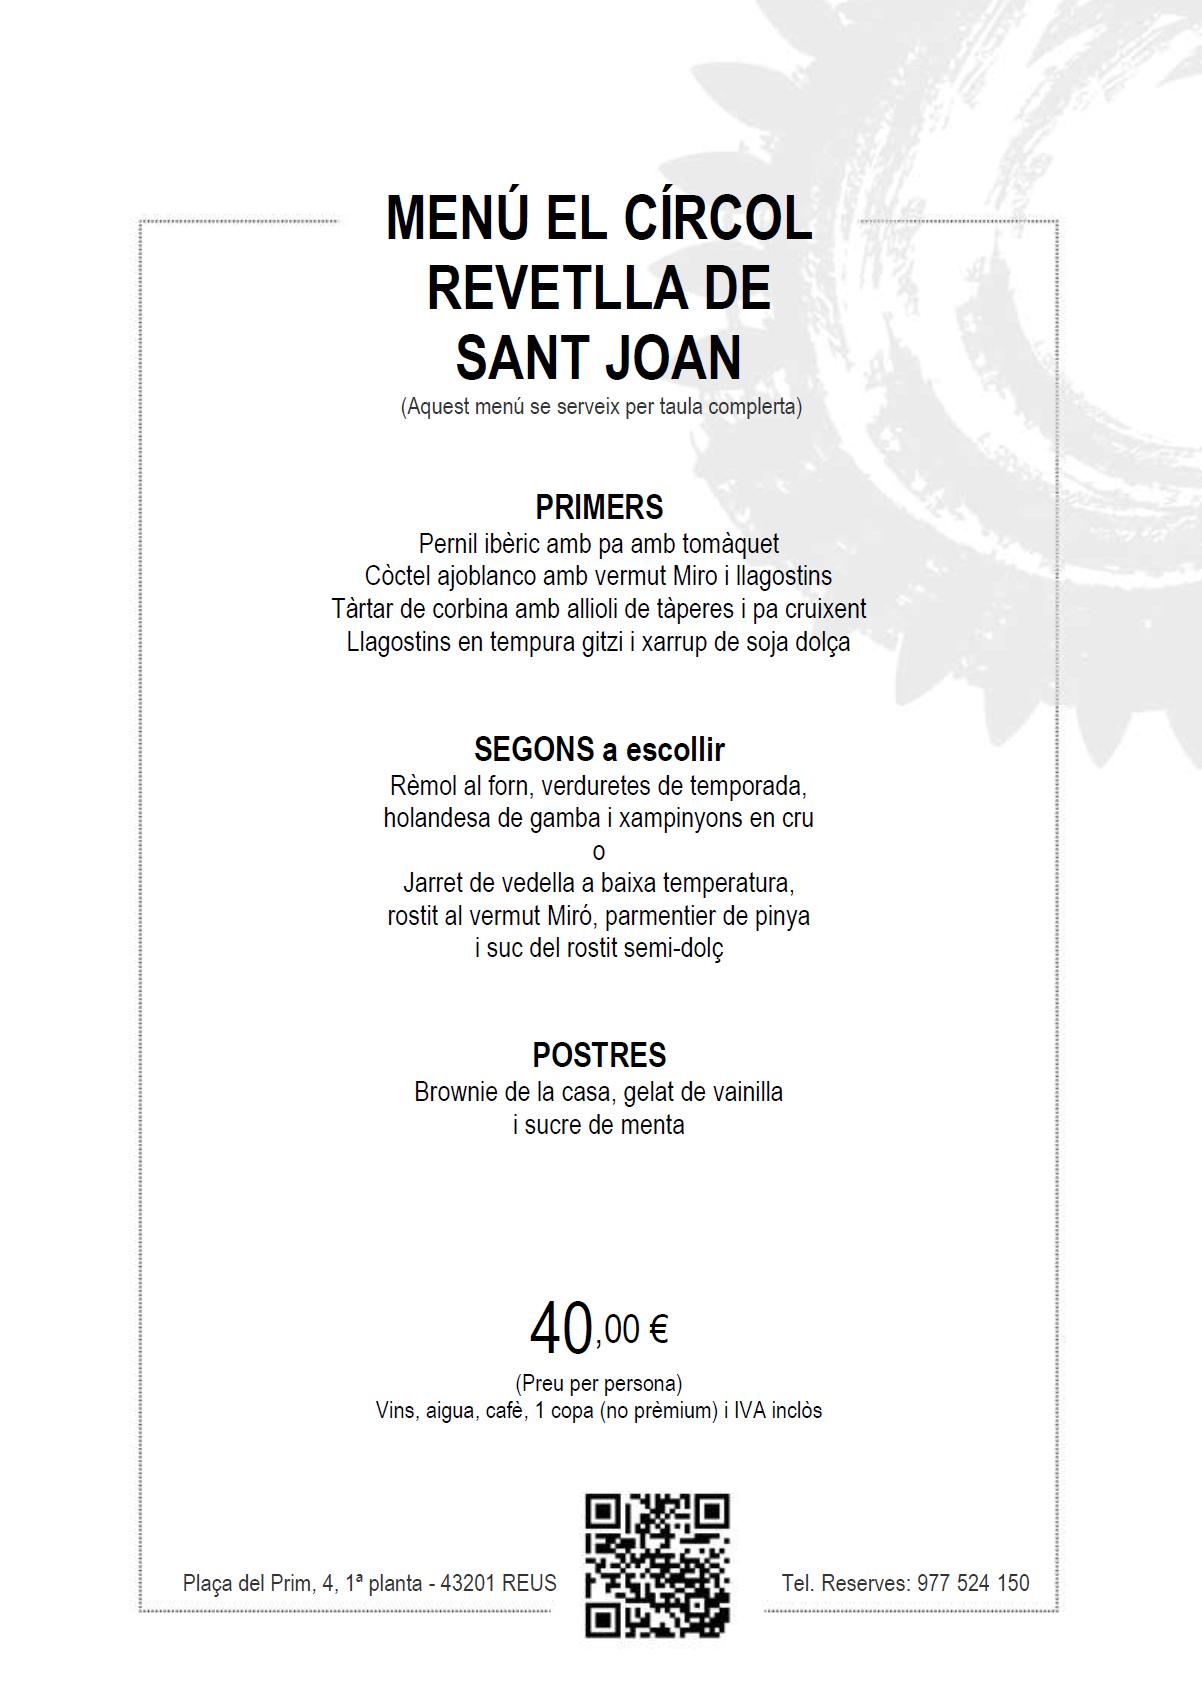 menu-revetlla-sant-joan-2021